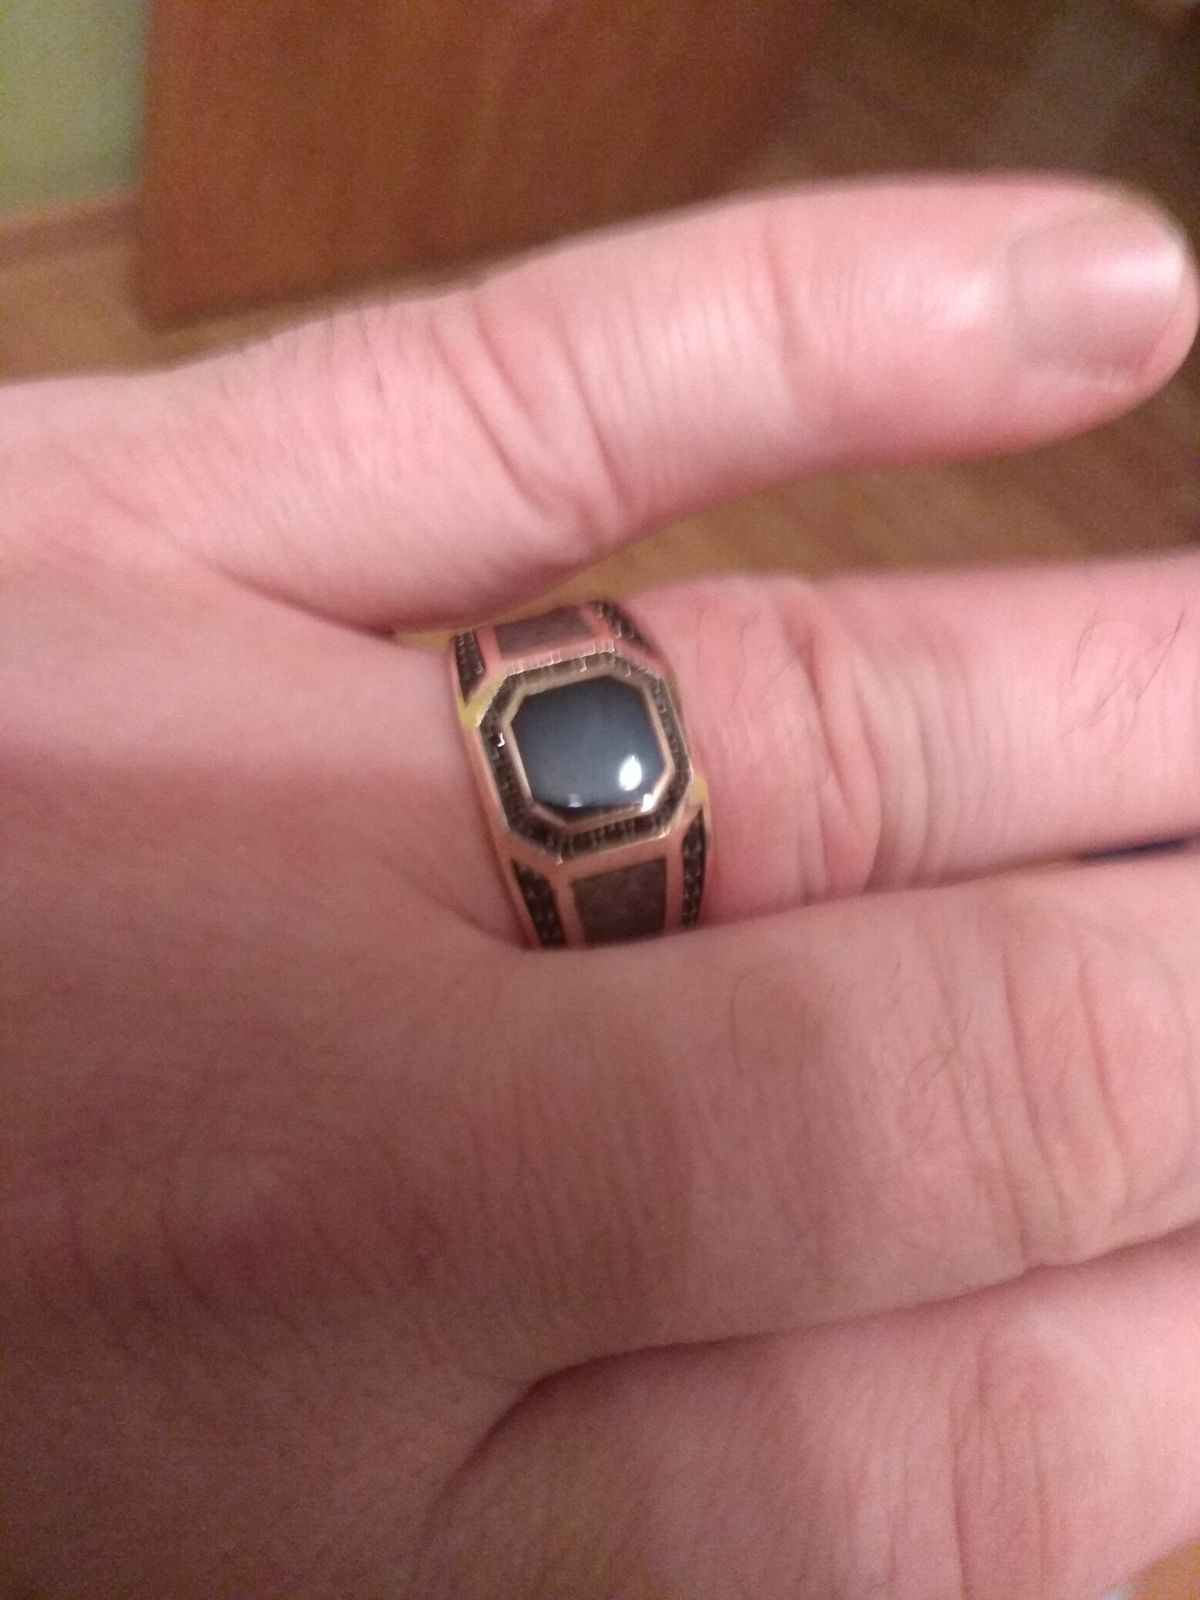 Купила мужу подарок на день рождение, очень понравилось кольцо.Спасибо.